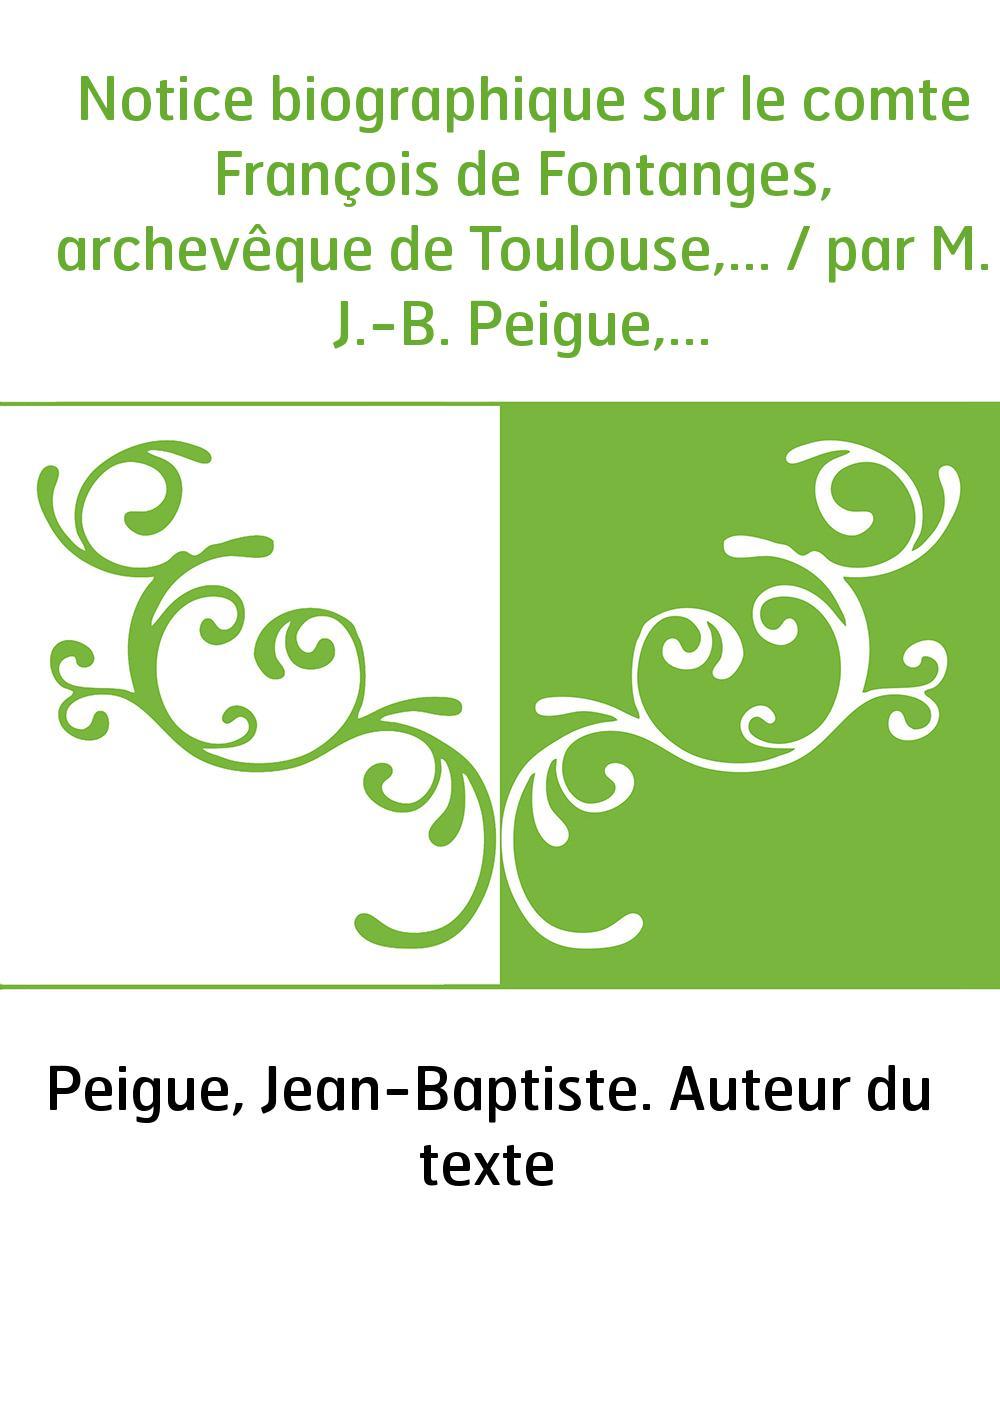 Notice biographique sur le comte François de Fontanges, archevêque de Toulouse,... / par M. J.-B. Peigue,...